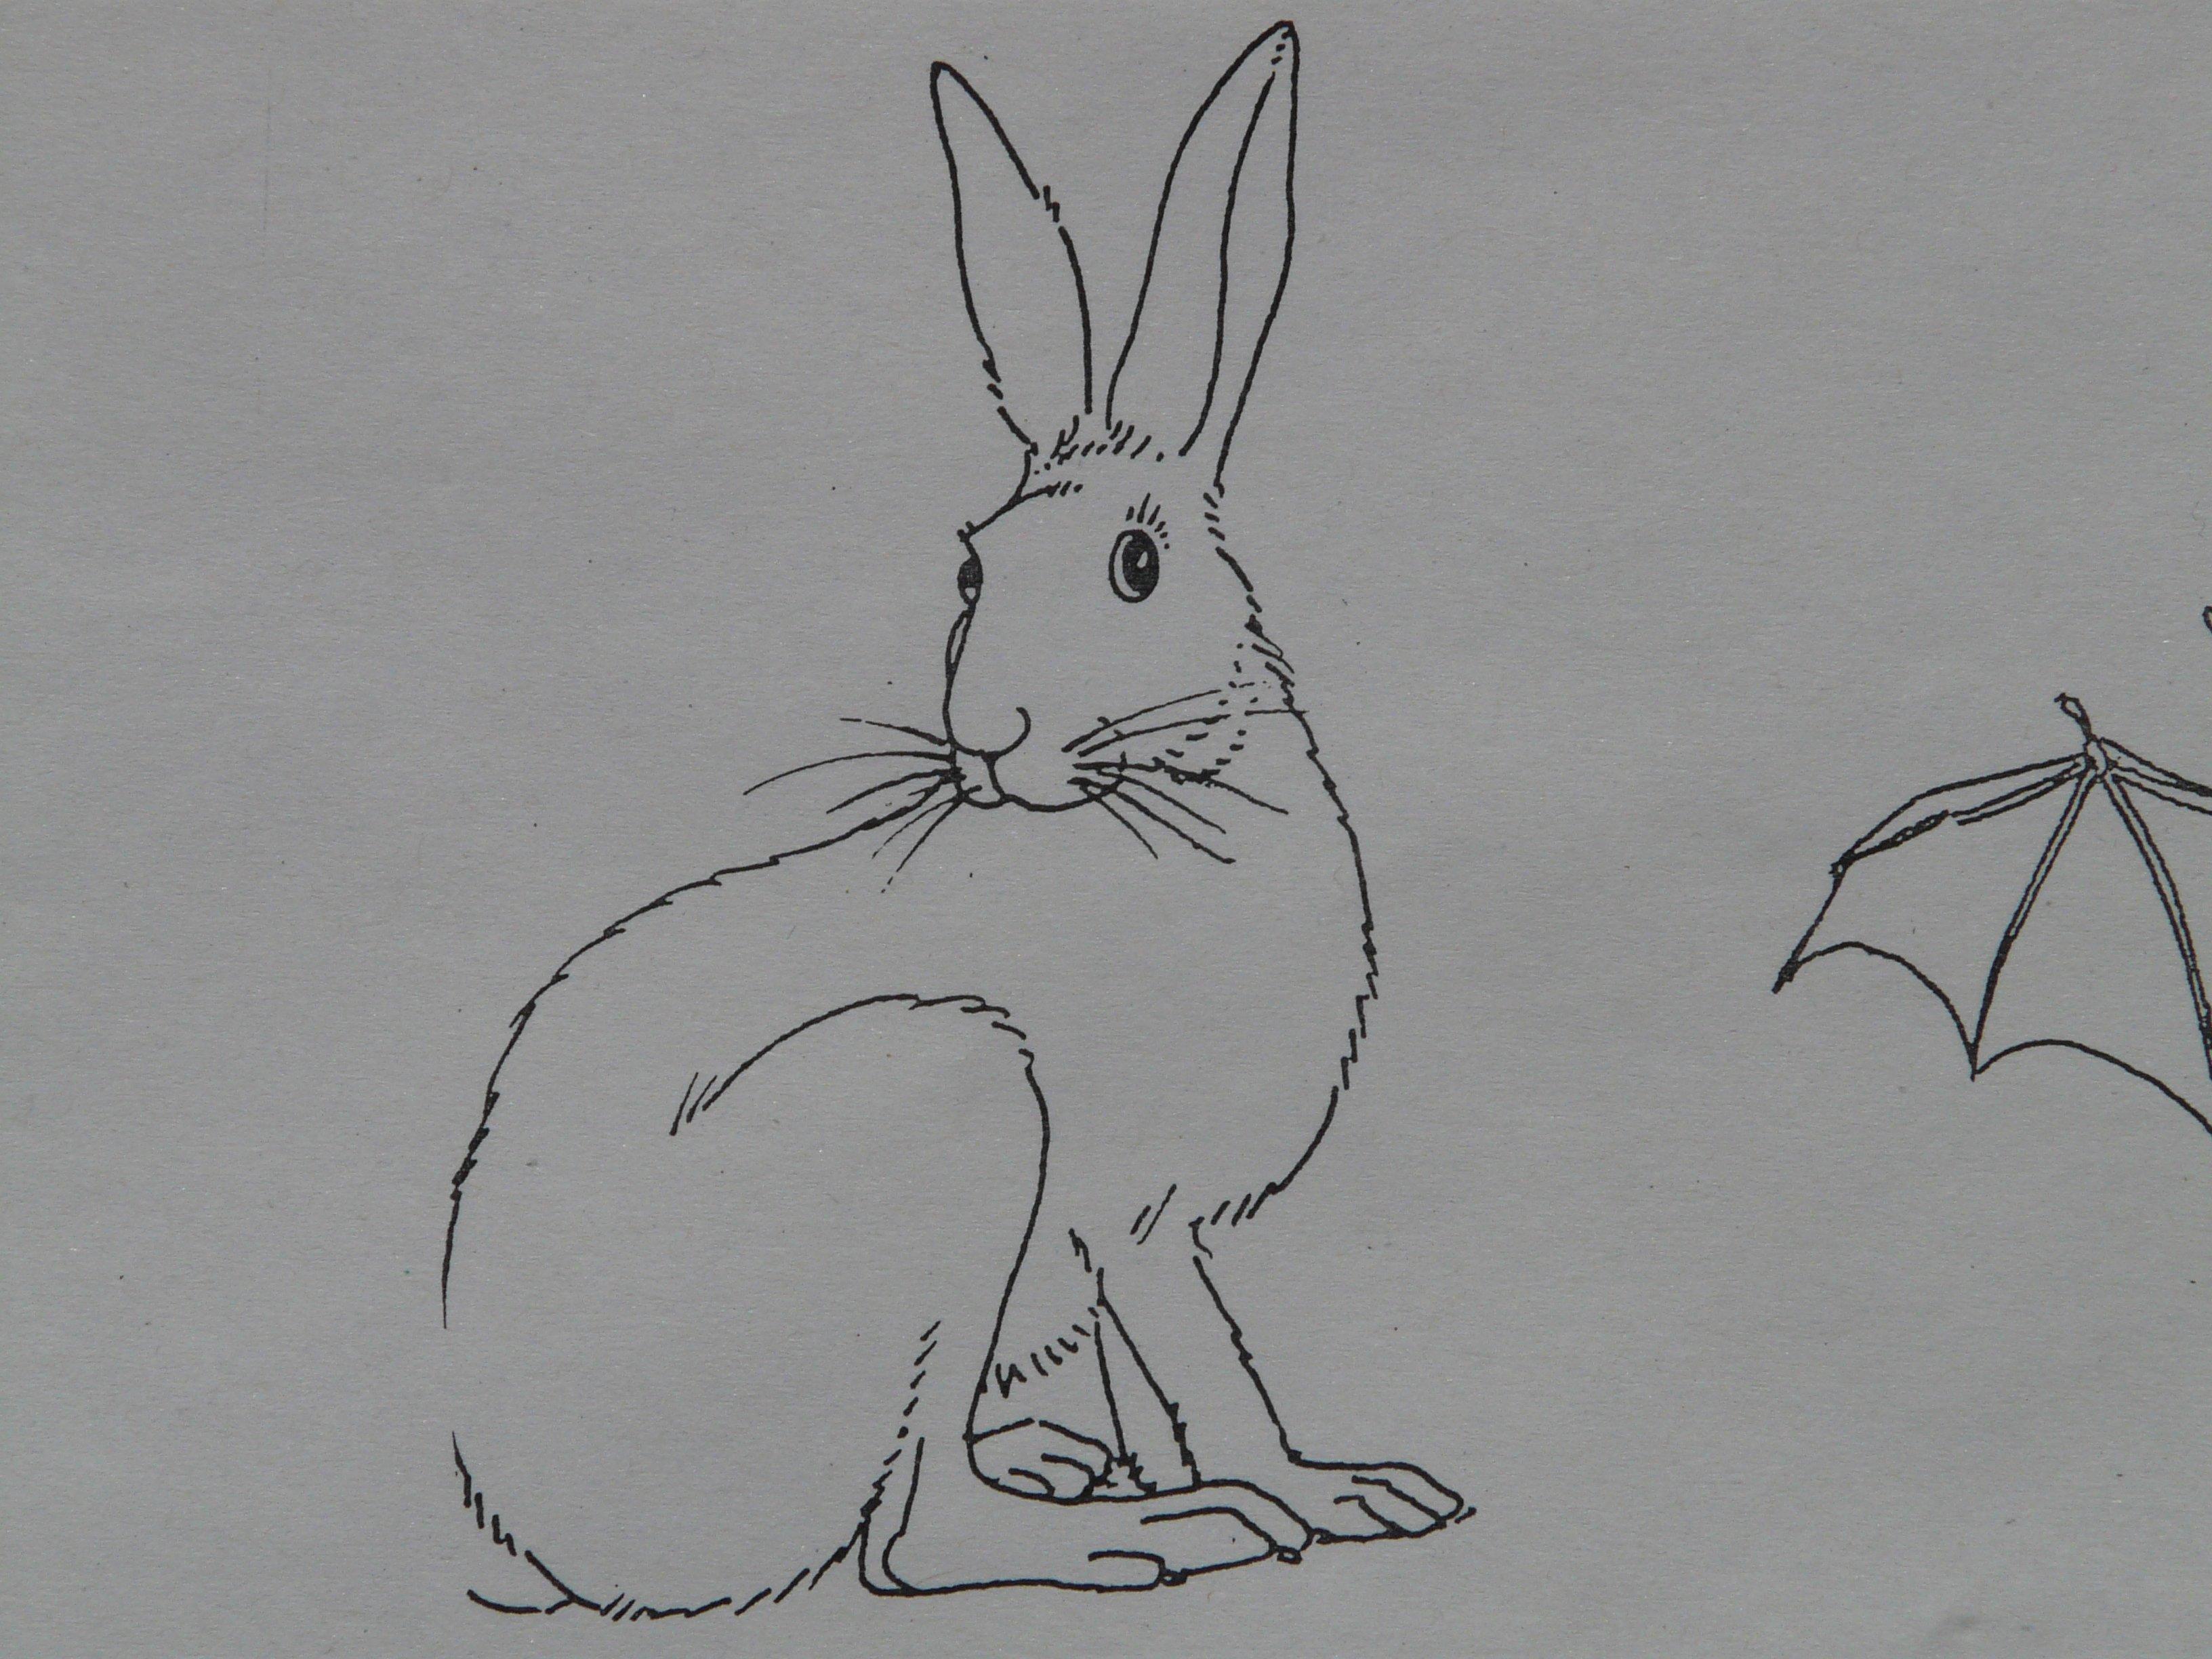 Gambar Hewan Cat Sketsa Gambar Ilustrasi Seri